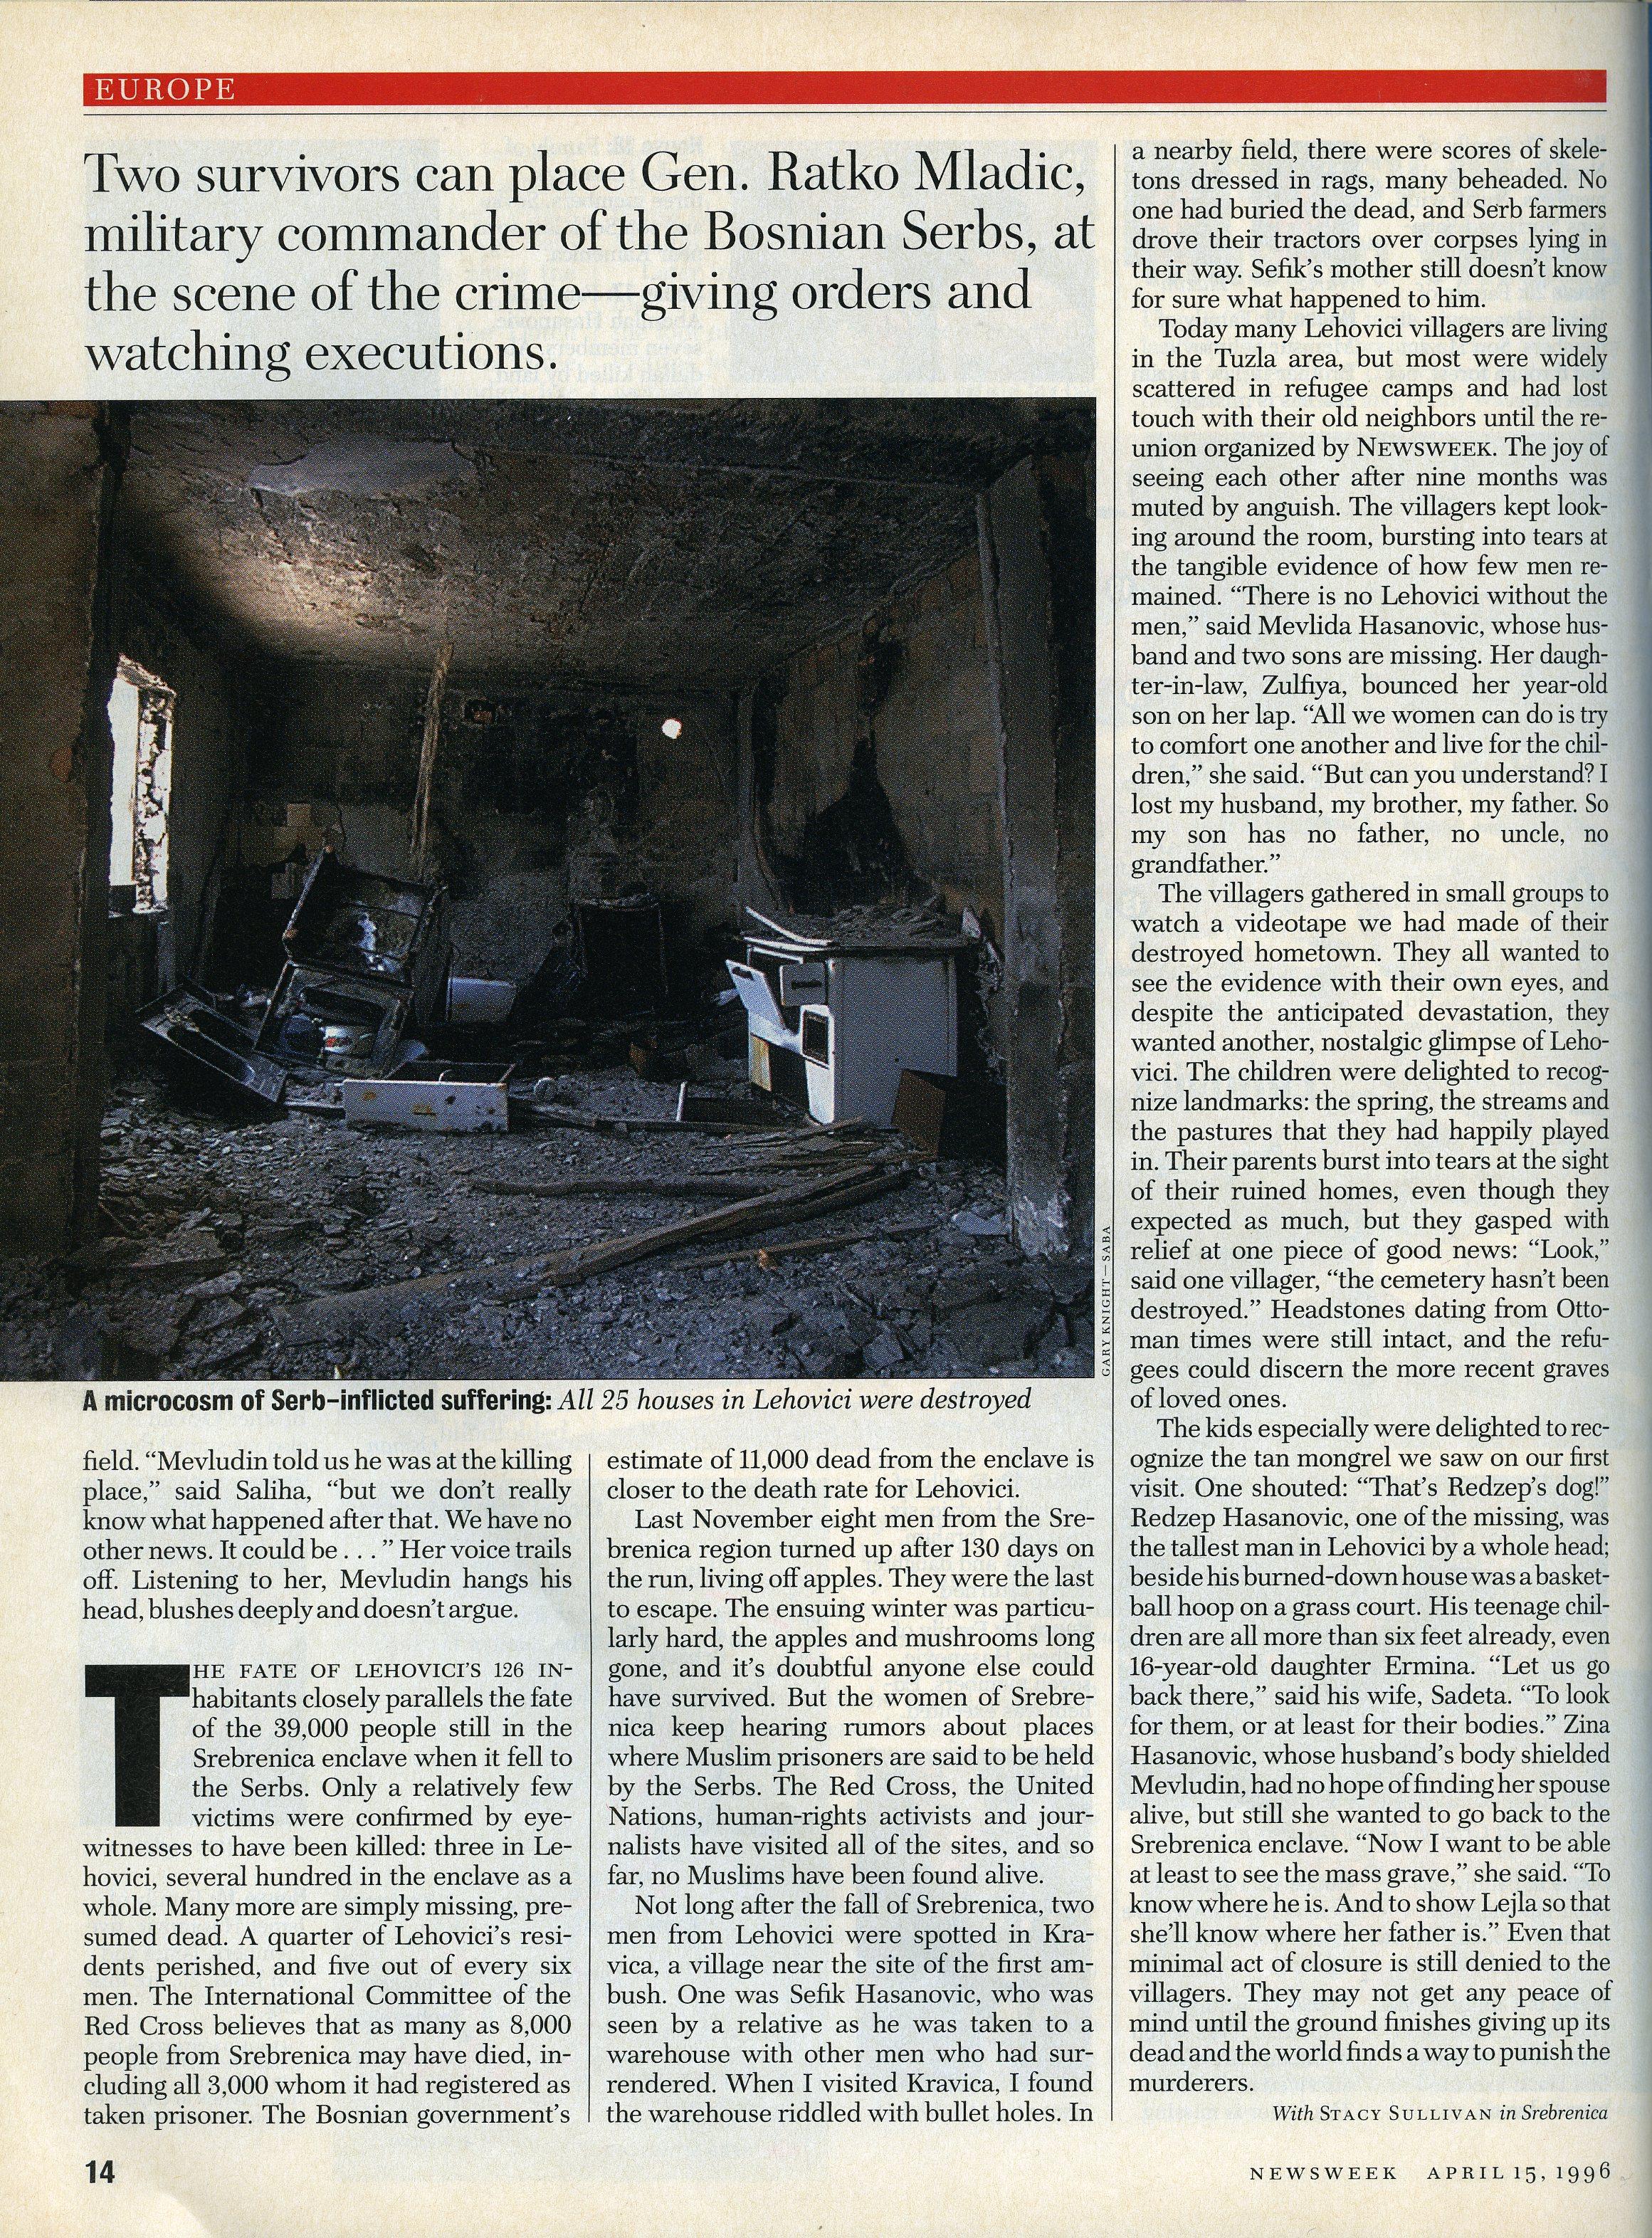 04151996_NEWSWEEK_BOSNIA_7.jpg